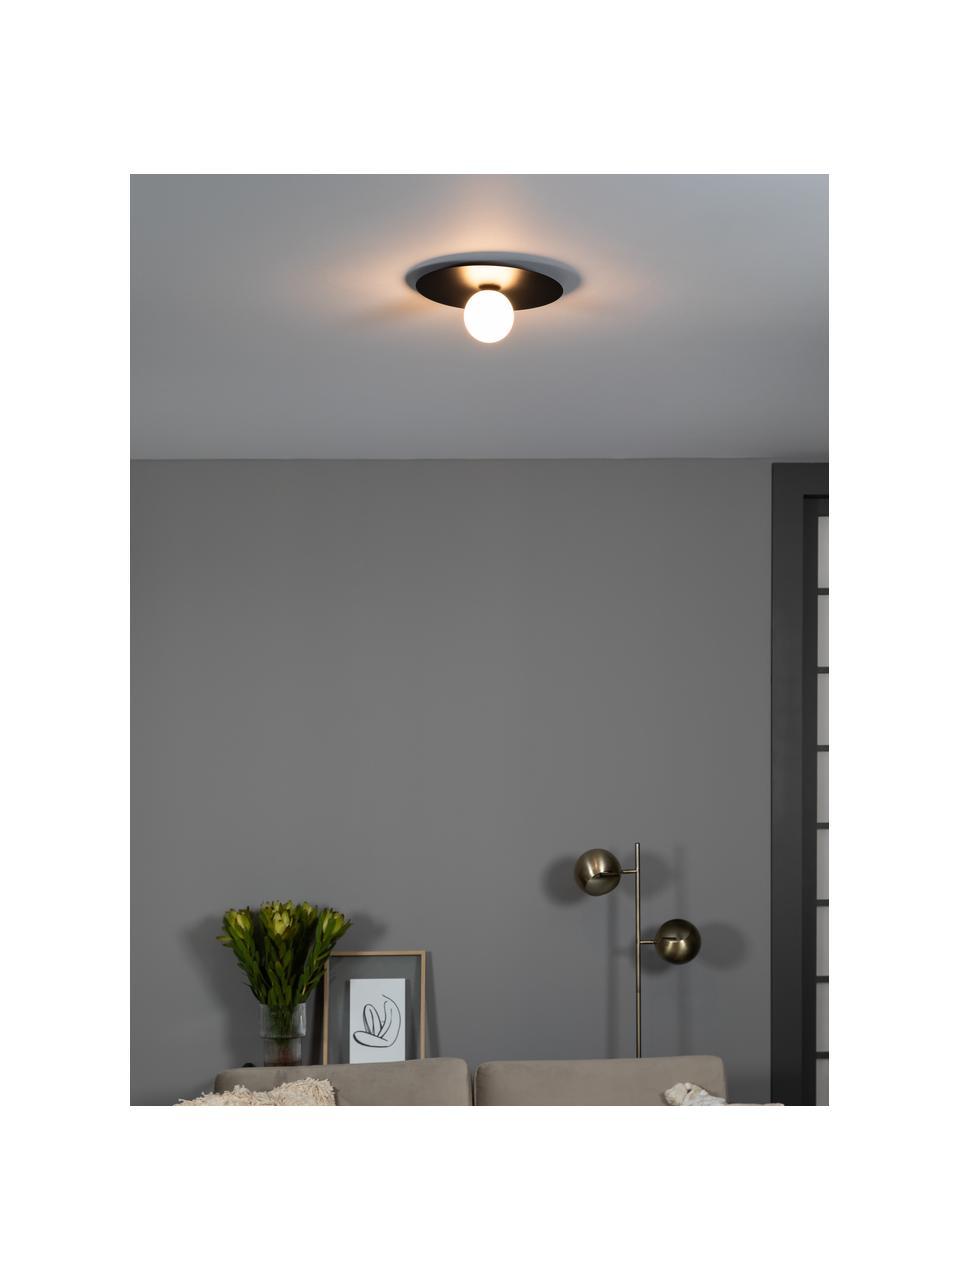 Wand- und Deckenleuchte Lobero aus Glas, Baldachin: Metall, beschichtet, Lampenschirm: Opalglas, Schwarz, Weiß, Ø 30 x H 13 cm